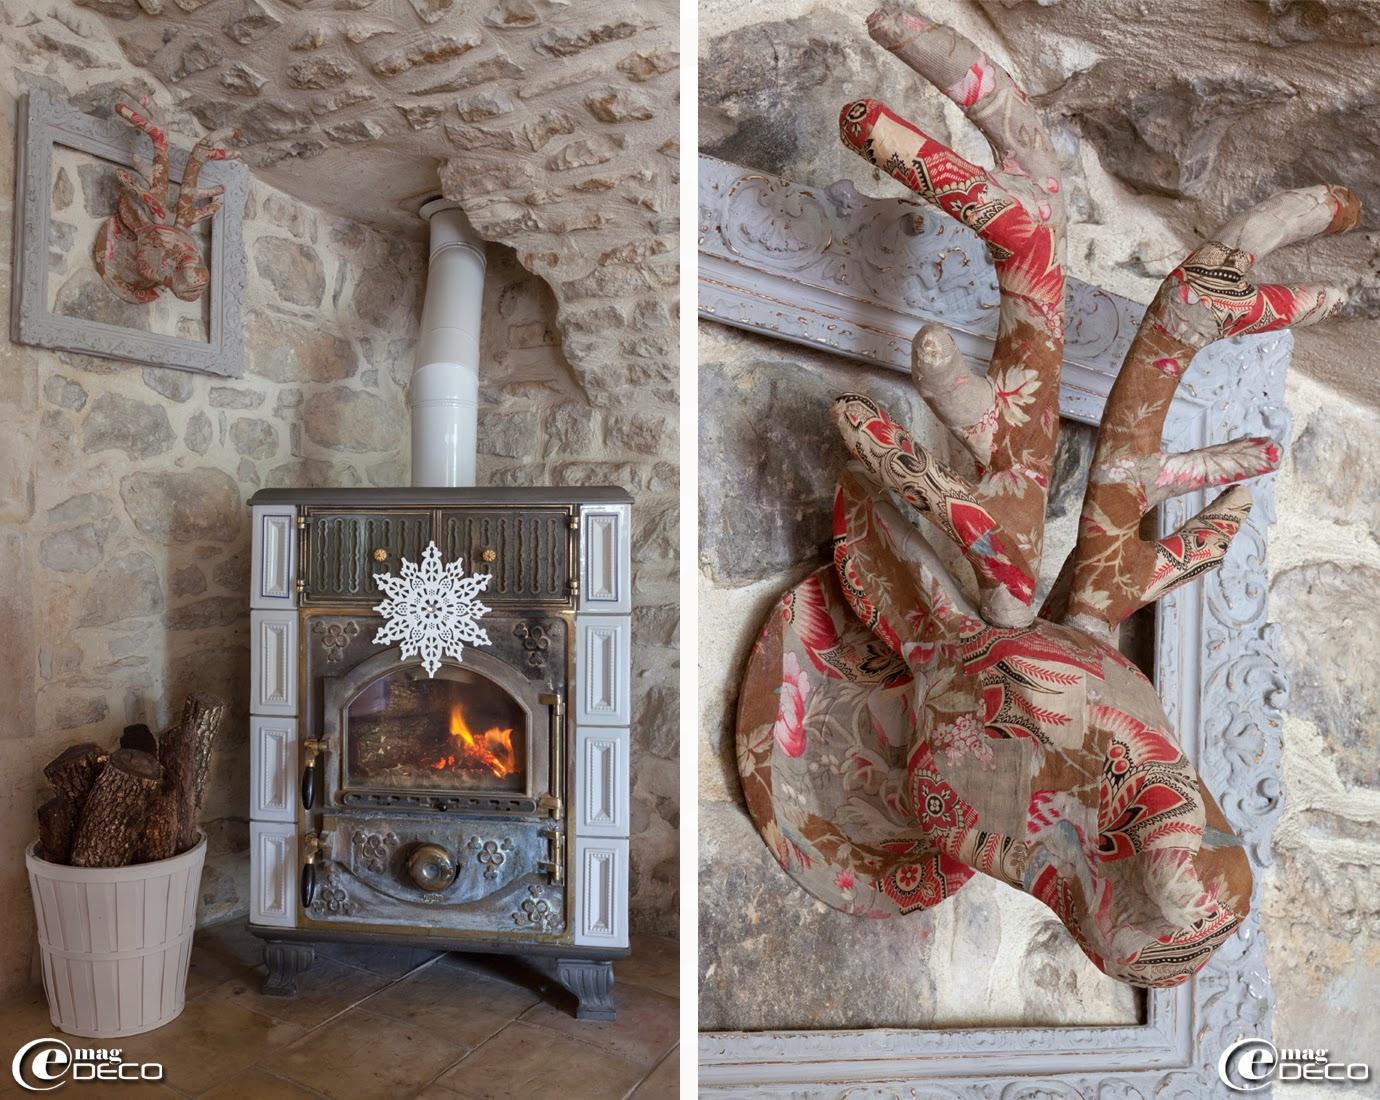 Poêle de Norvège orné de faïence, trophée de cerf trouvé à L'Isle-sur-la-Sorgue réalisé avec des chutes de tissus anciens